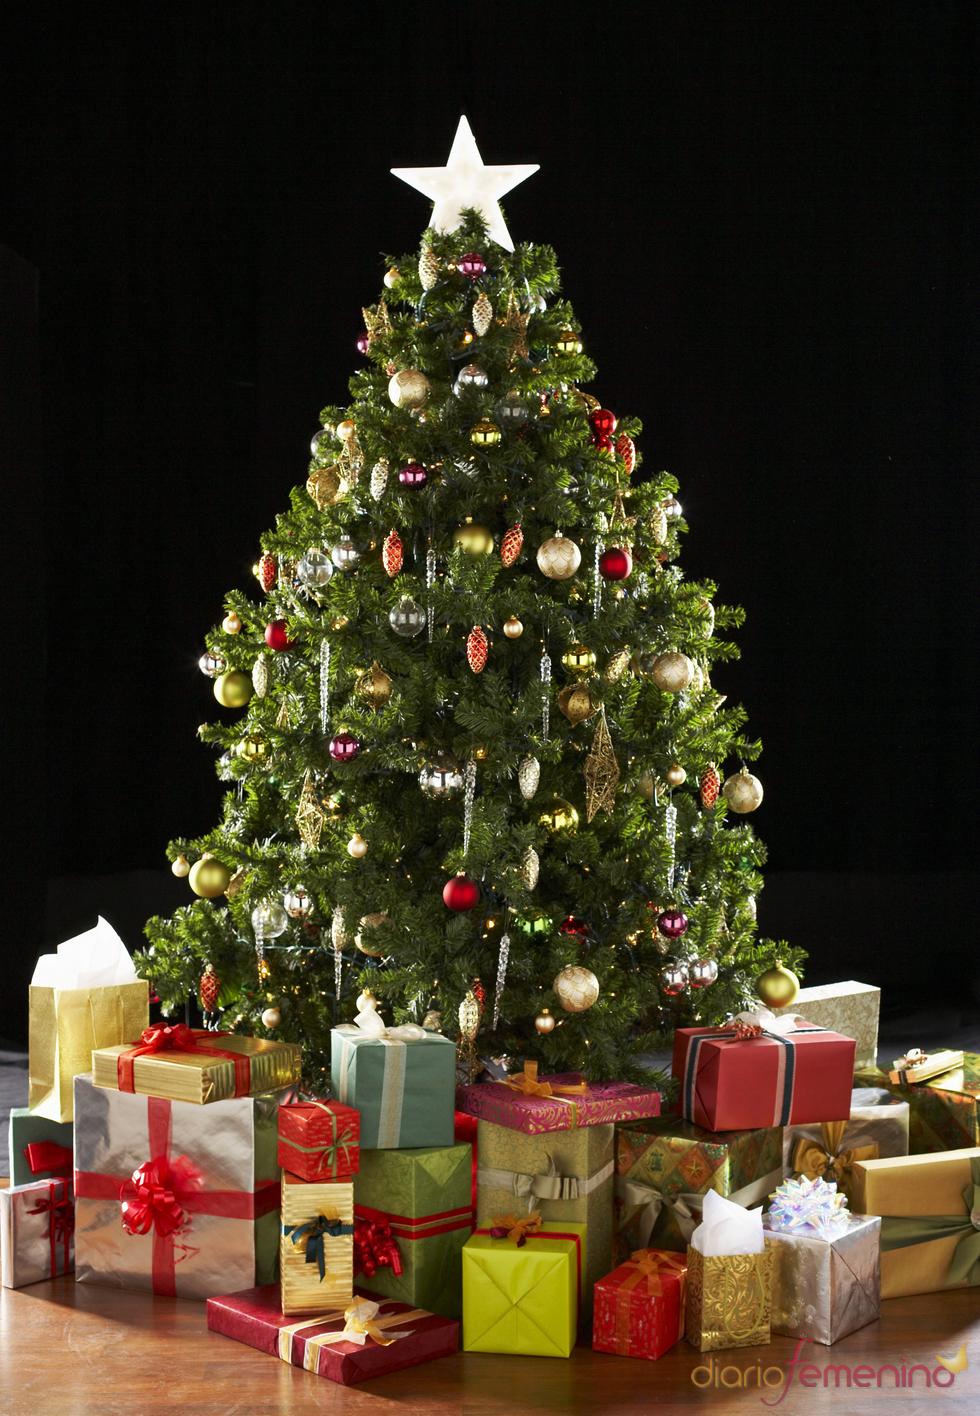 Ministerio joven ellen white y el rbol de navidad - Imagenes de arboles de navidad decorados ...